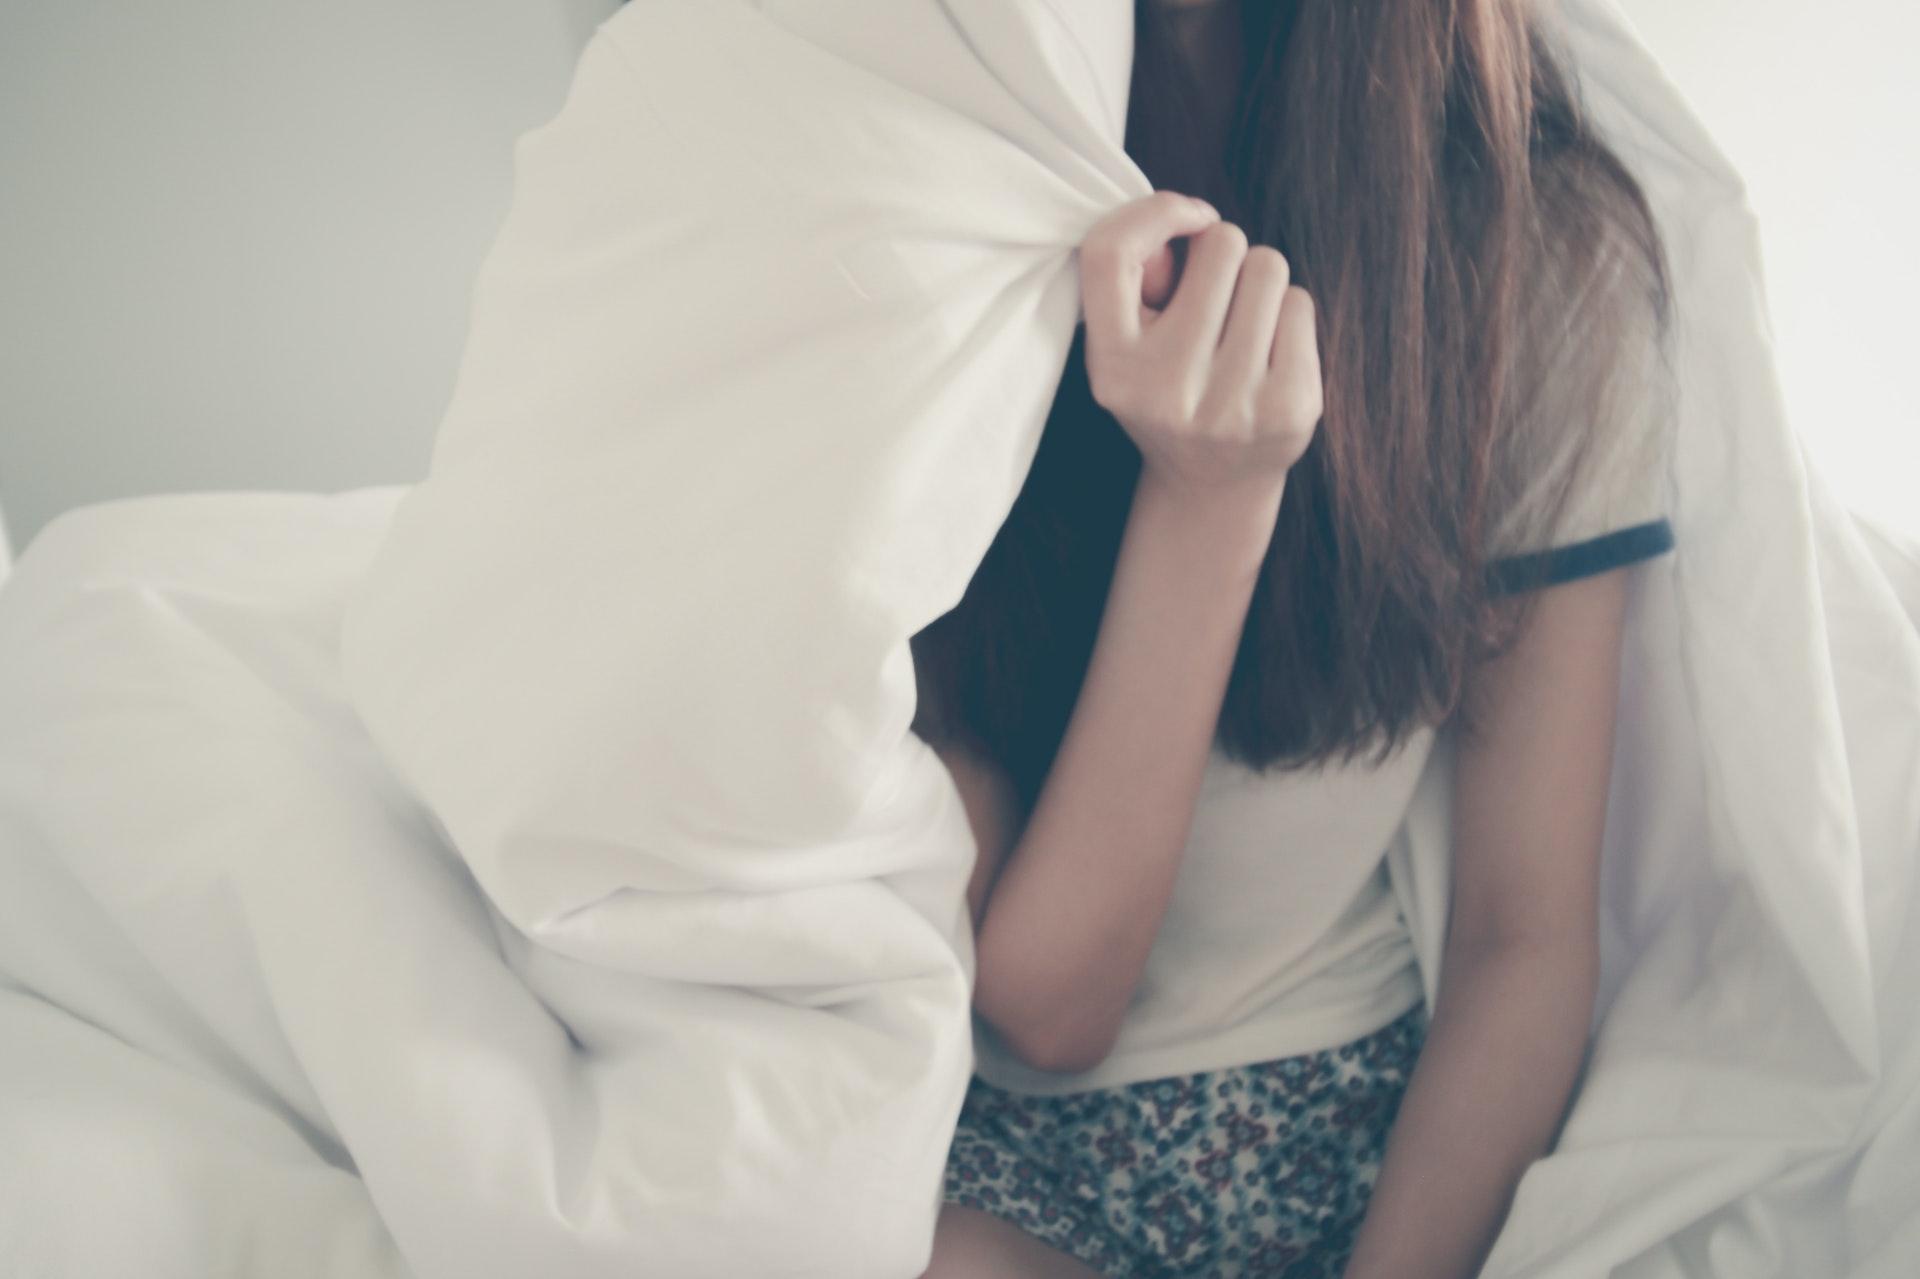 ベッドの中の女性